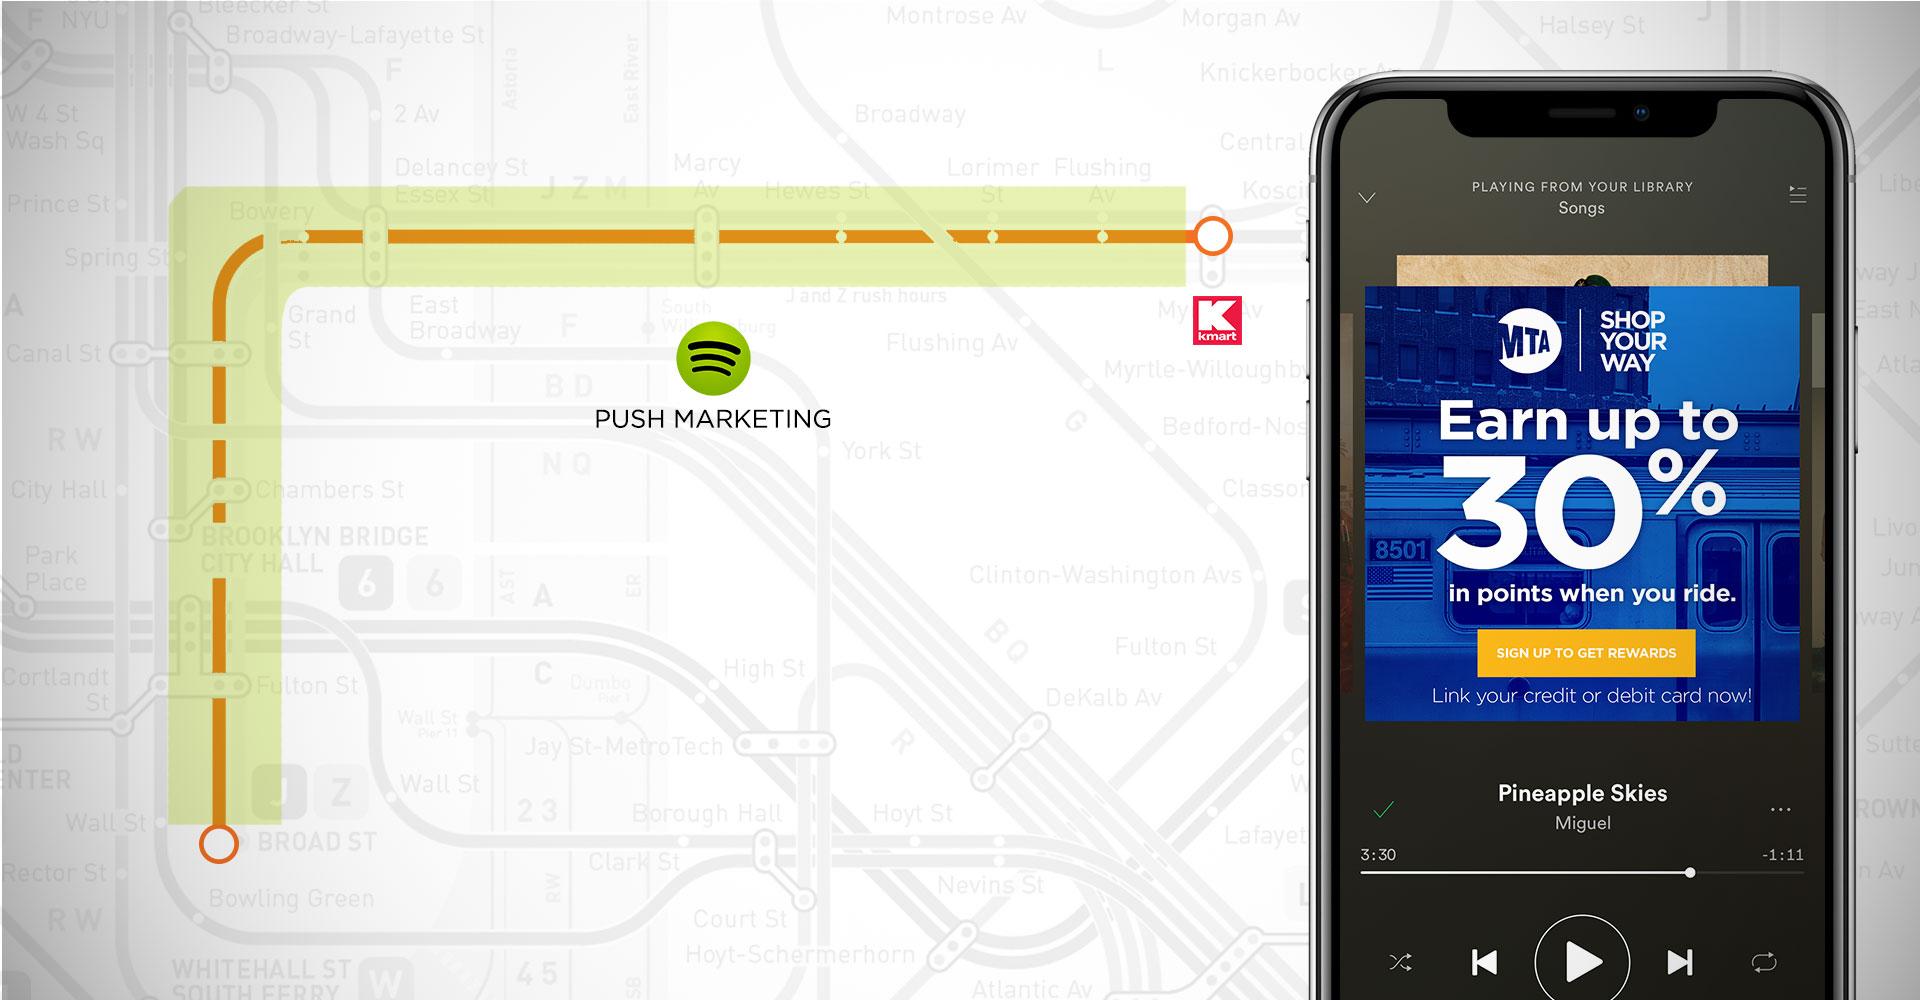 MTA_Push_Marketing.jpg